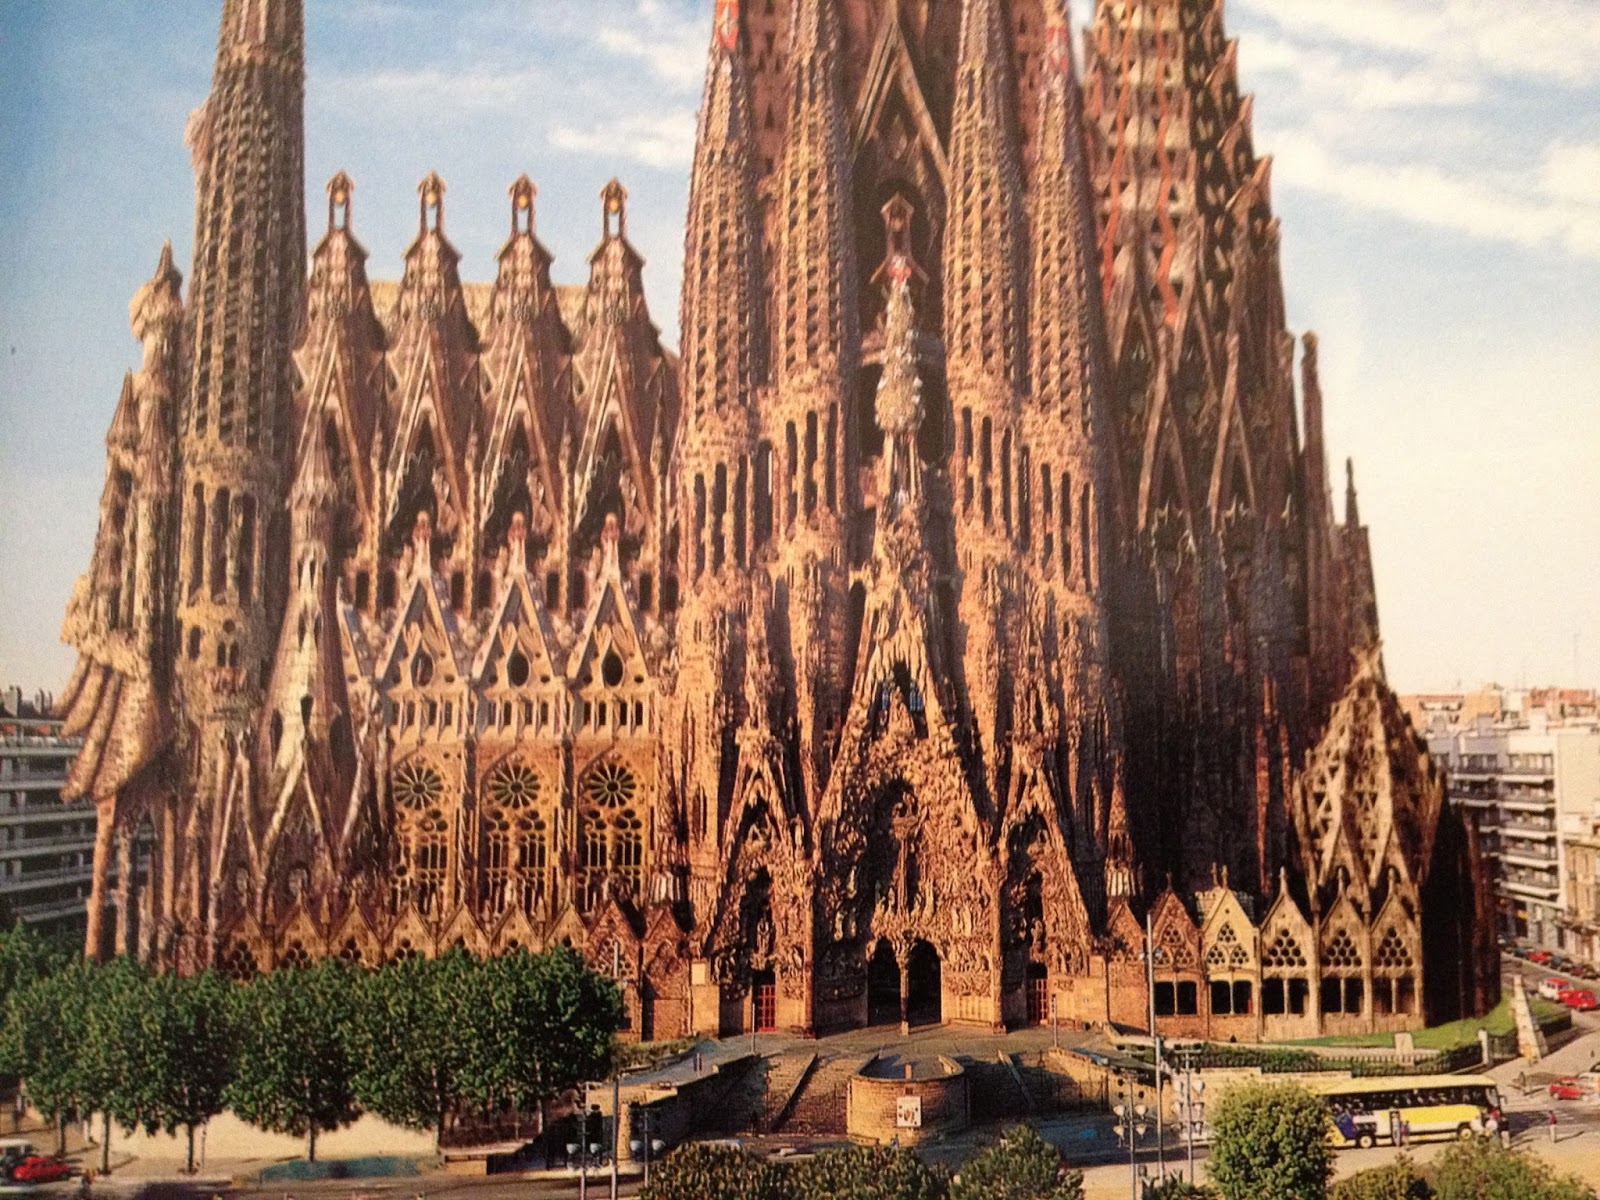 Eugene ray architect antonio gaudi organic architect for Kathedrale barcelona gaudi